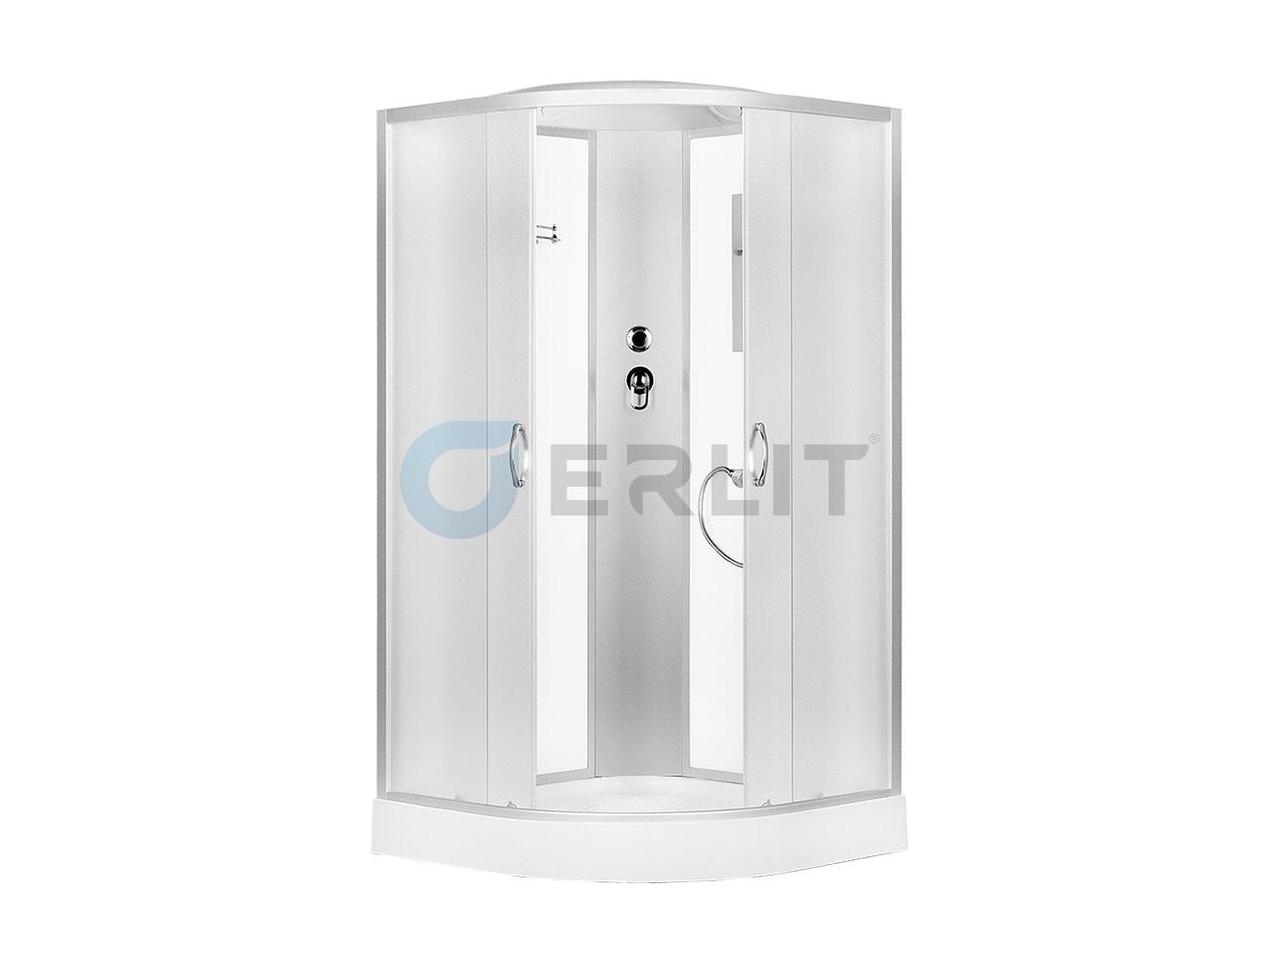 Душевая кабина Erlit  ER3508P - C3 800*800*2150 высокий поддон, светлое стекло